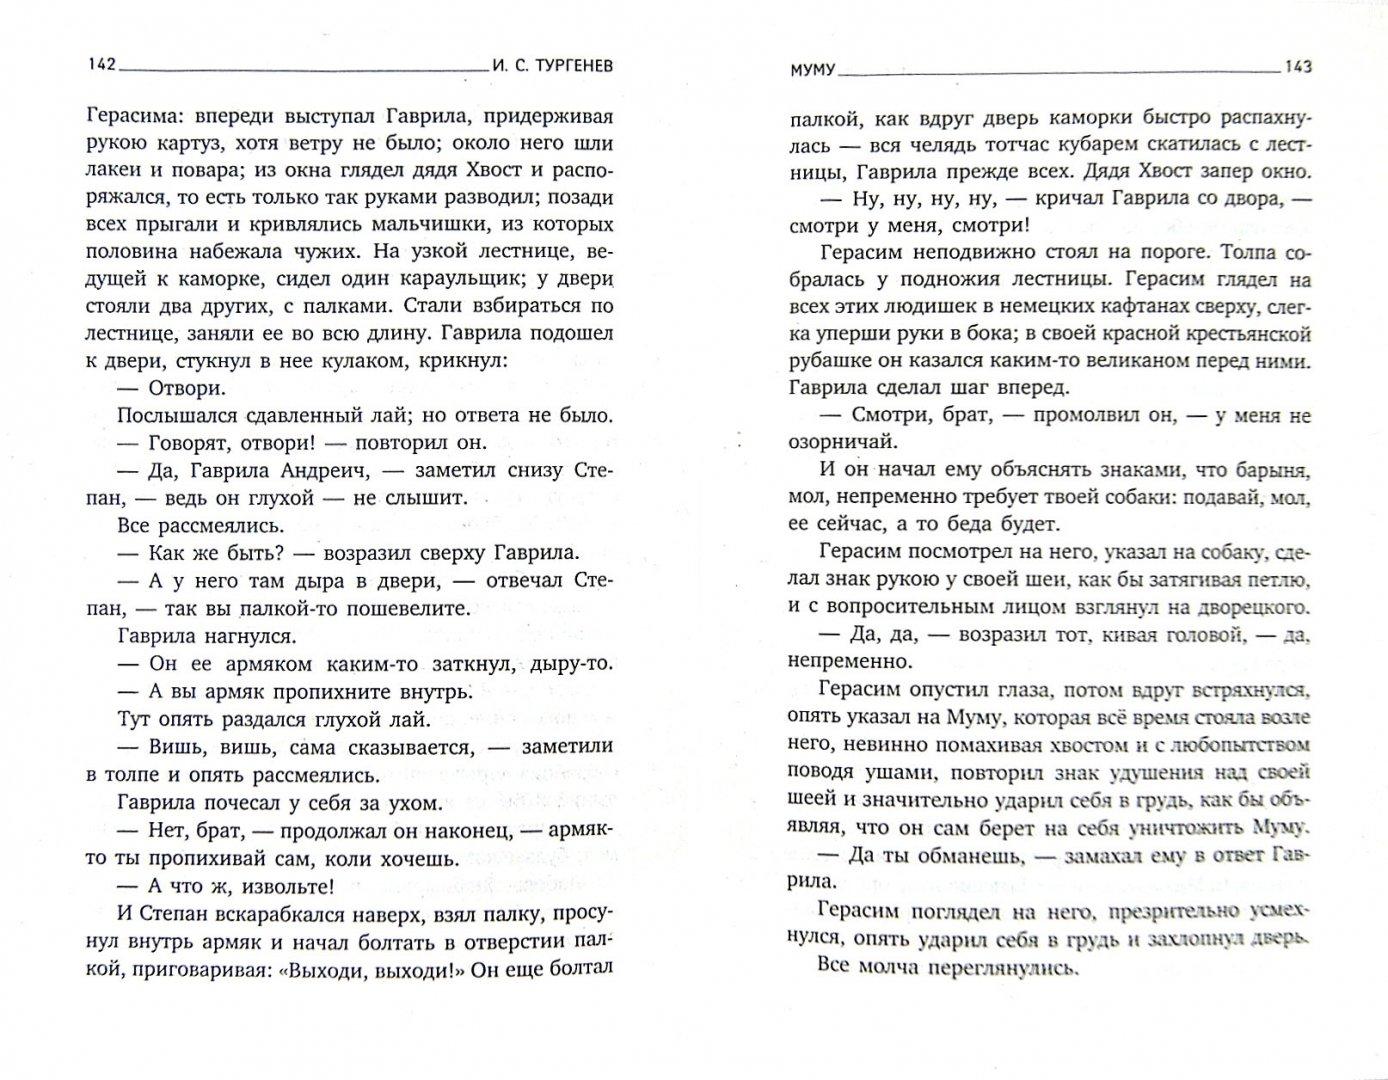 Иллюстрация 1 из 6 для Муму. Избранное - Иван Тургенев | Лабиринт - книги. Источник: Лабиринт